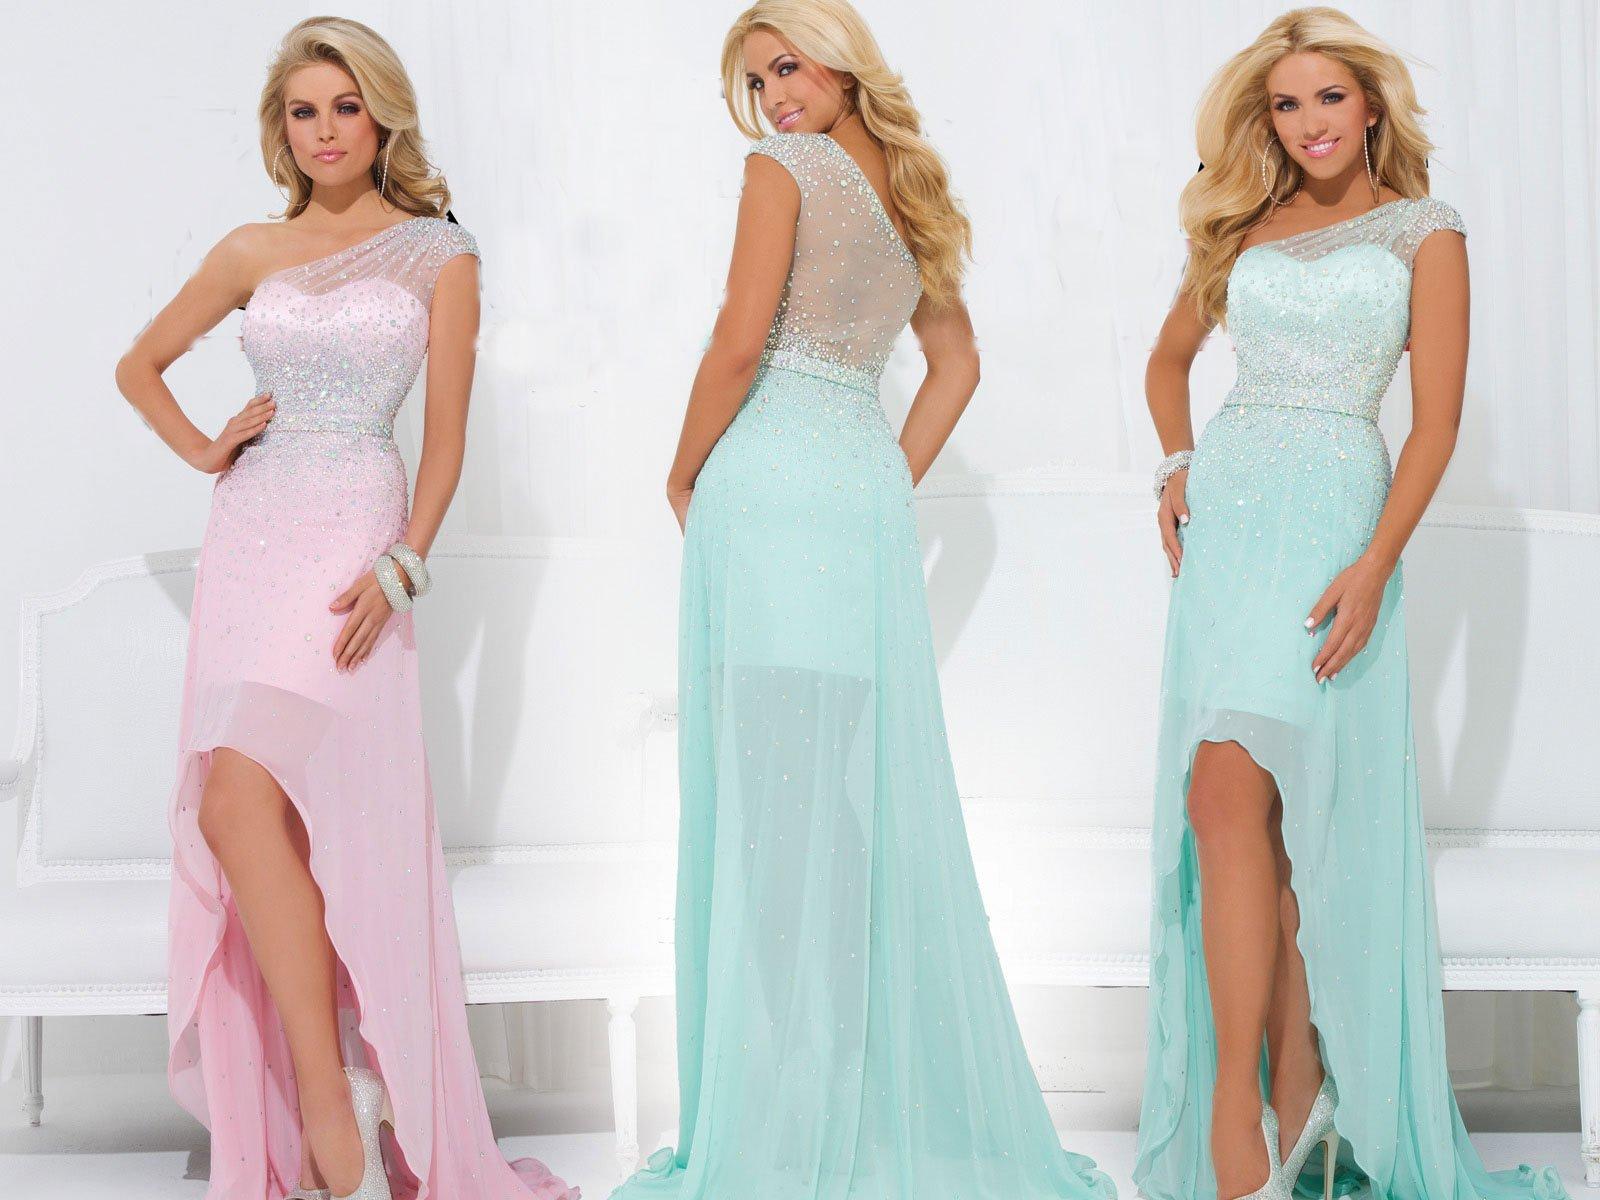 114502TB suknia wieczorowa - Niebieskie/granatowe